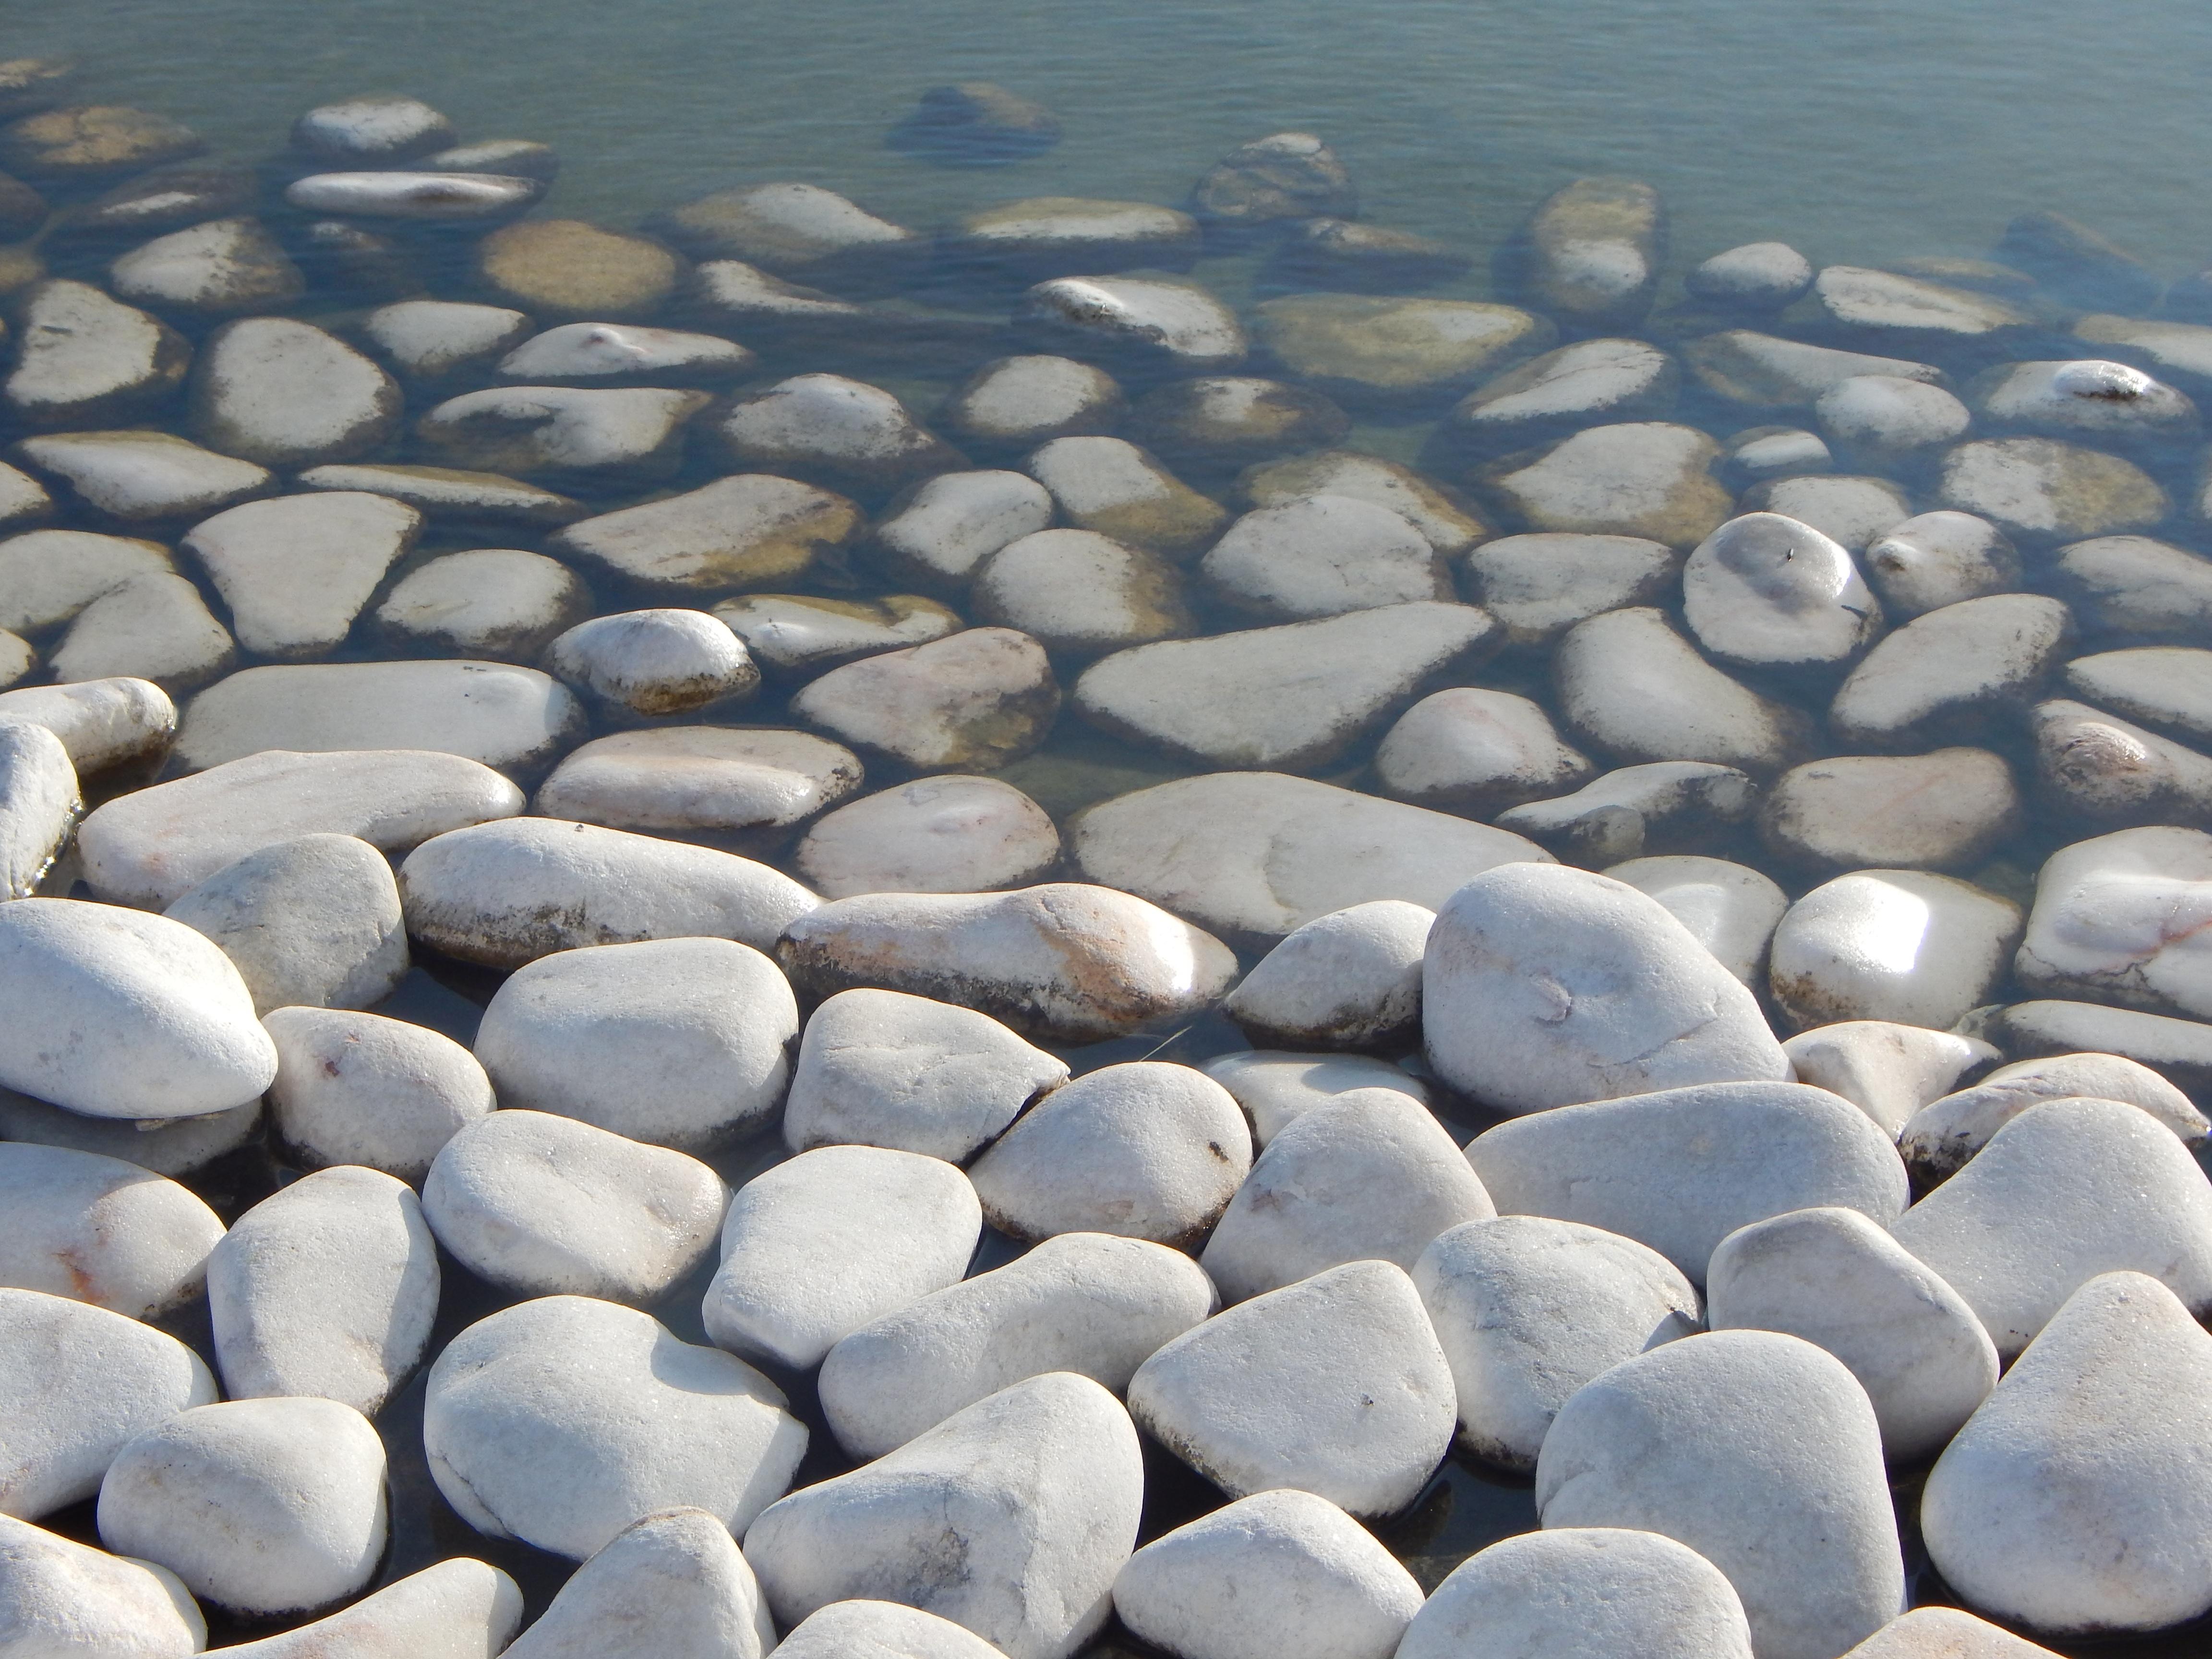 камни белые и картинки пенсию мужчины